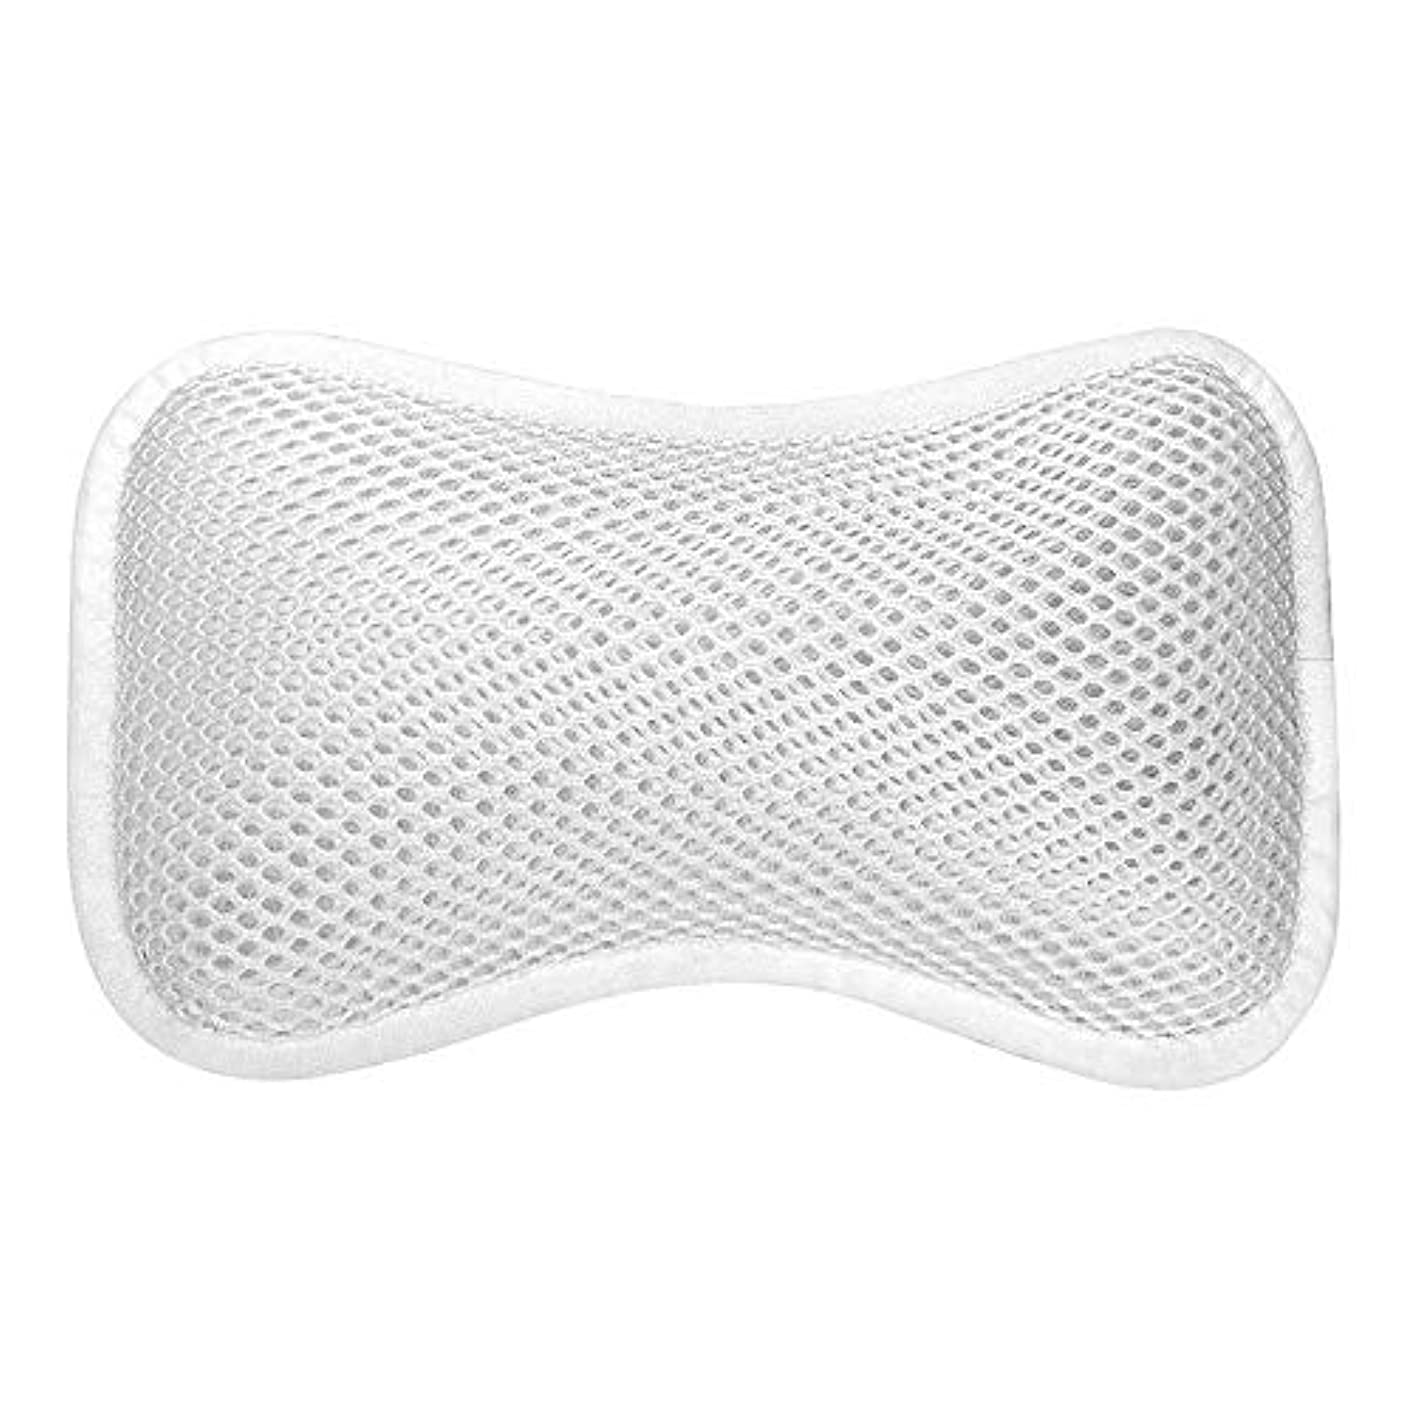 サンドイッチ知恵ハーブ3D網の骨の定形バスタブの枕、吸盤が付いている人間工学的の設計滑り止??めの浴槽の枕